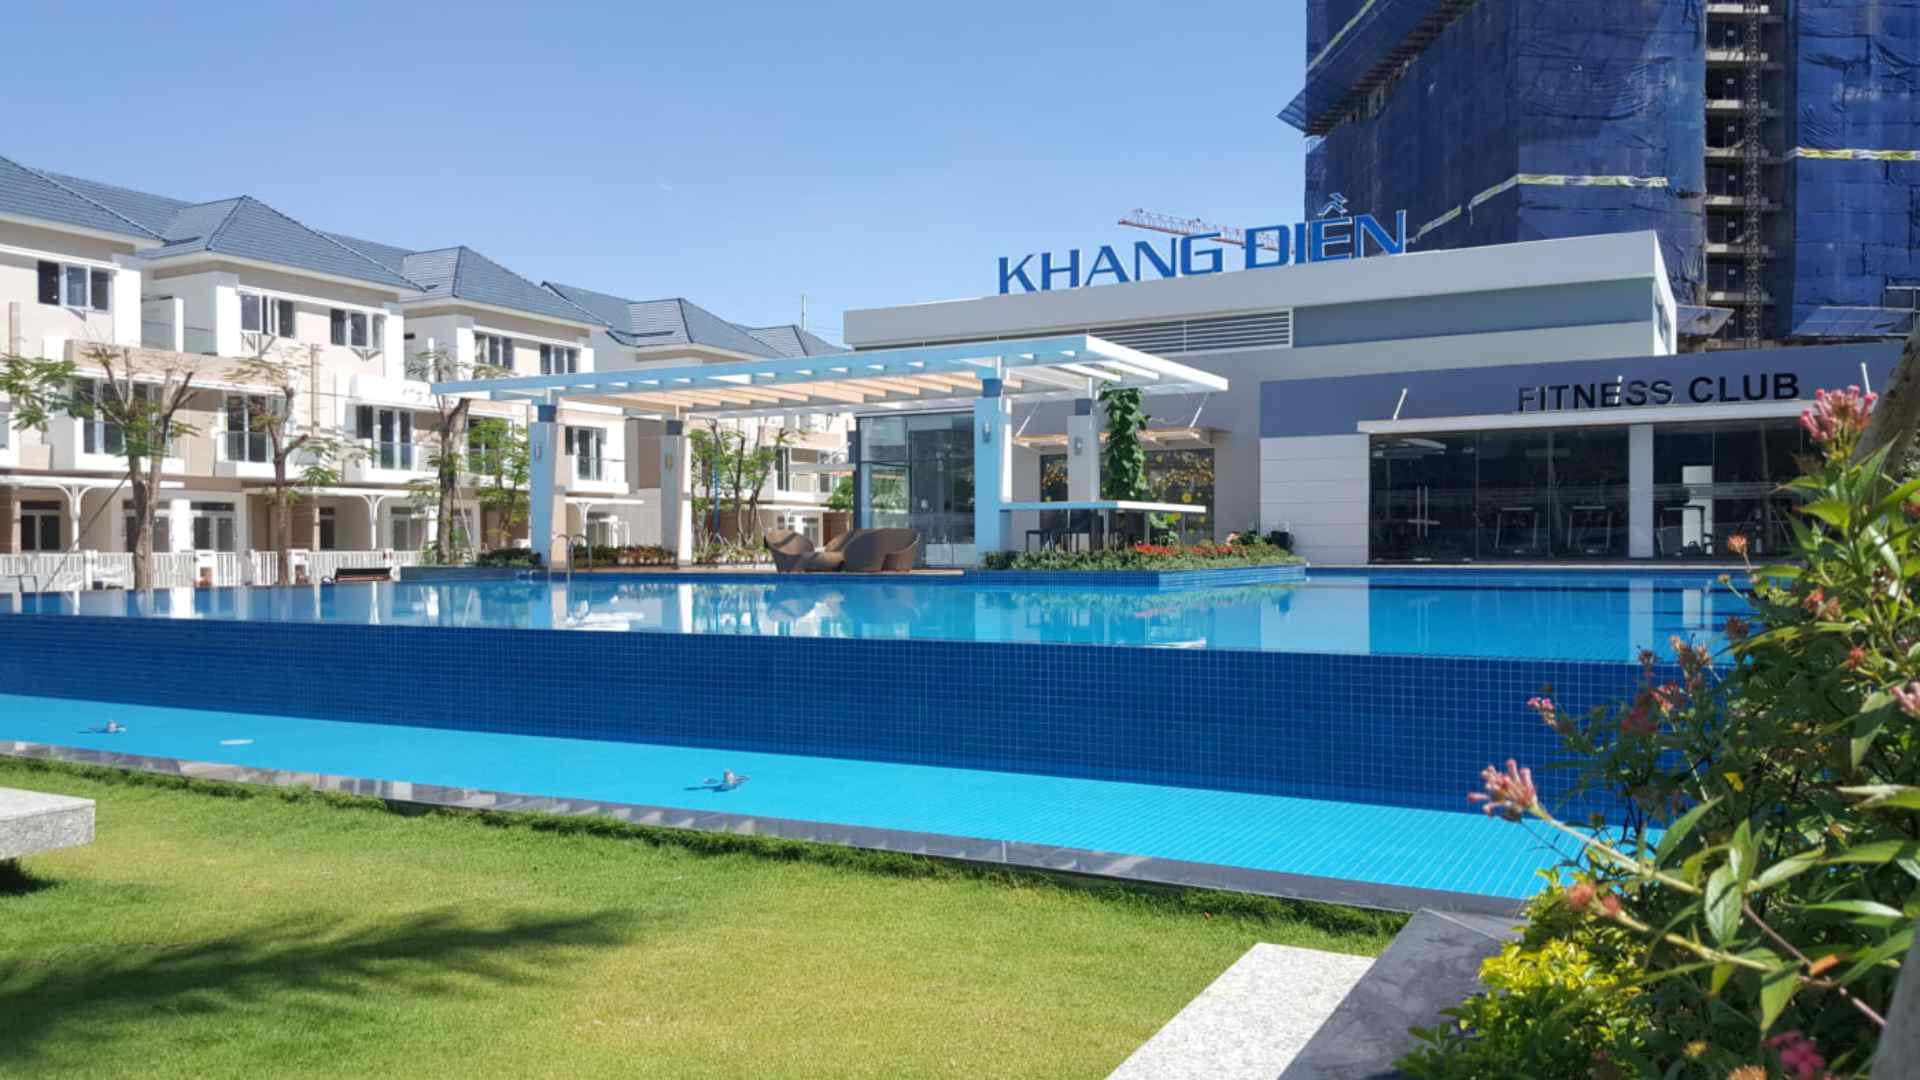 Merita Khang Điền quận 9 – Nhà phố thế hệ mới đặc biệt nhất quận 9. 1